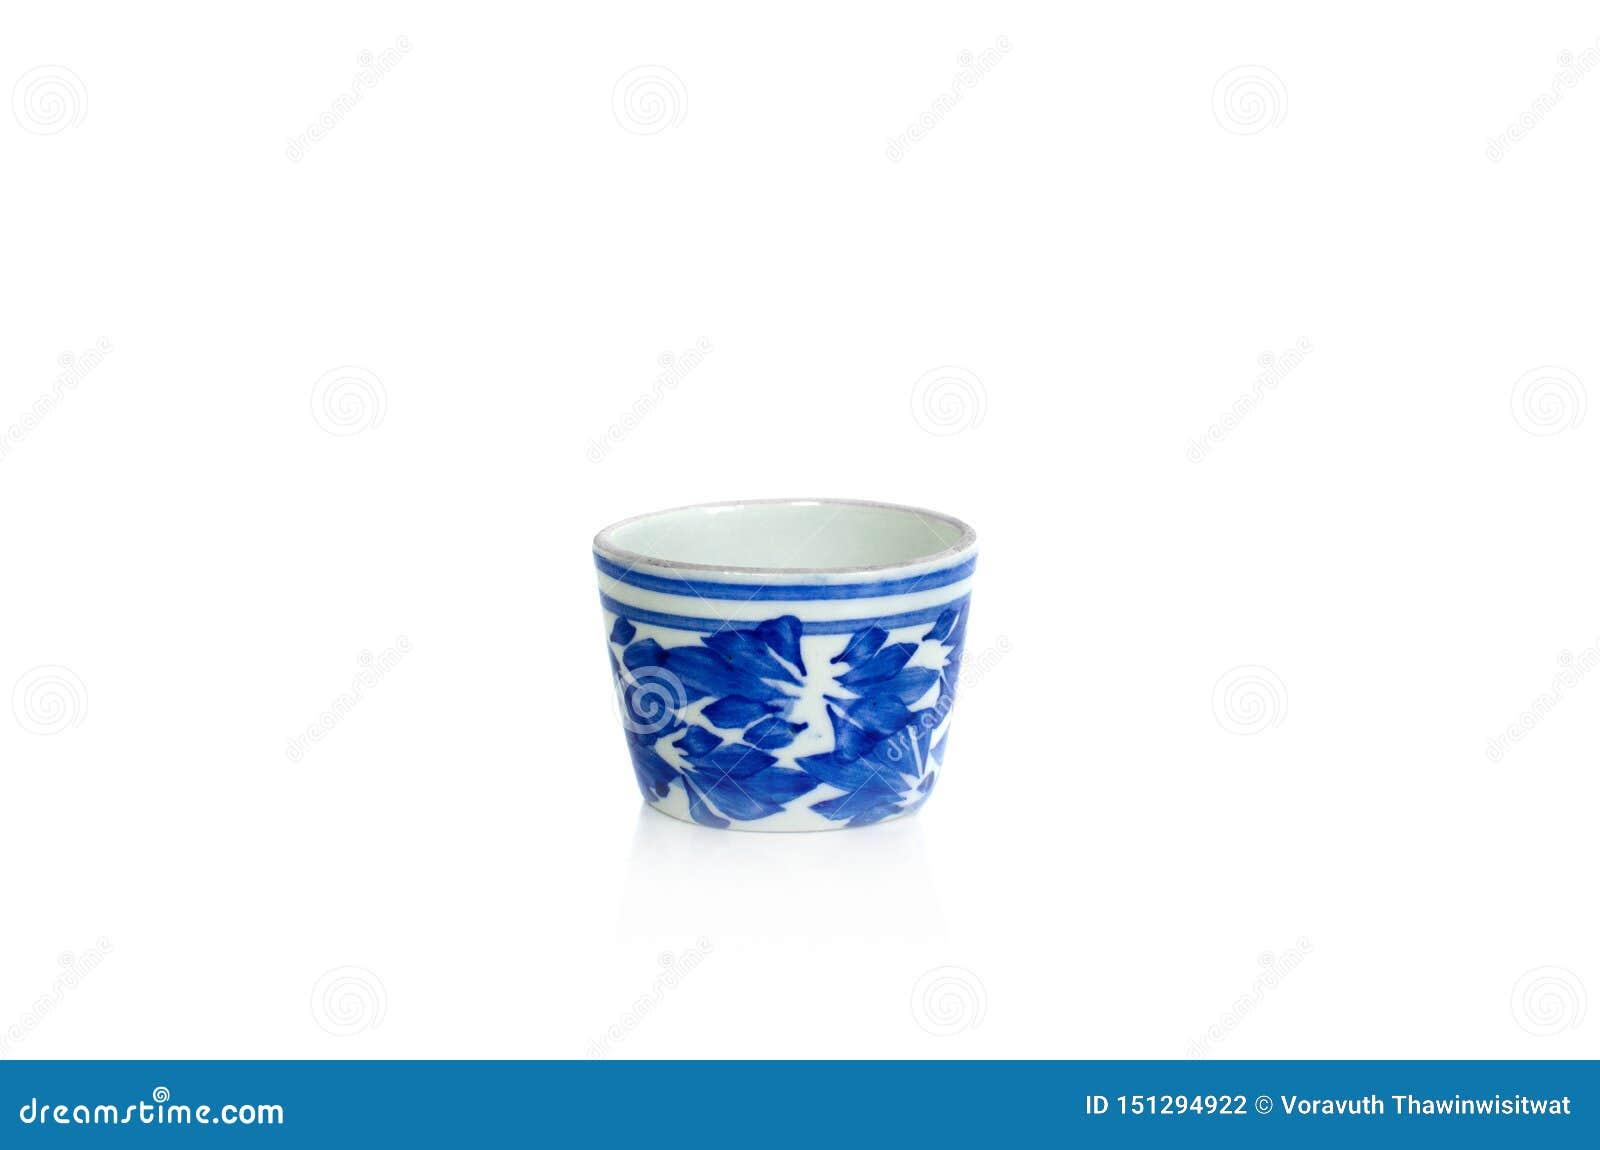 Isolado do copo de chá da porcelana no fundo branco